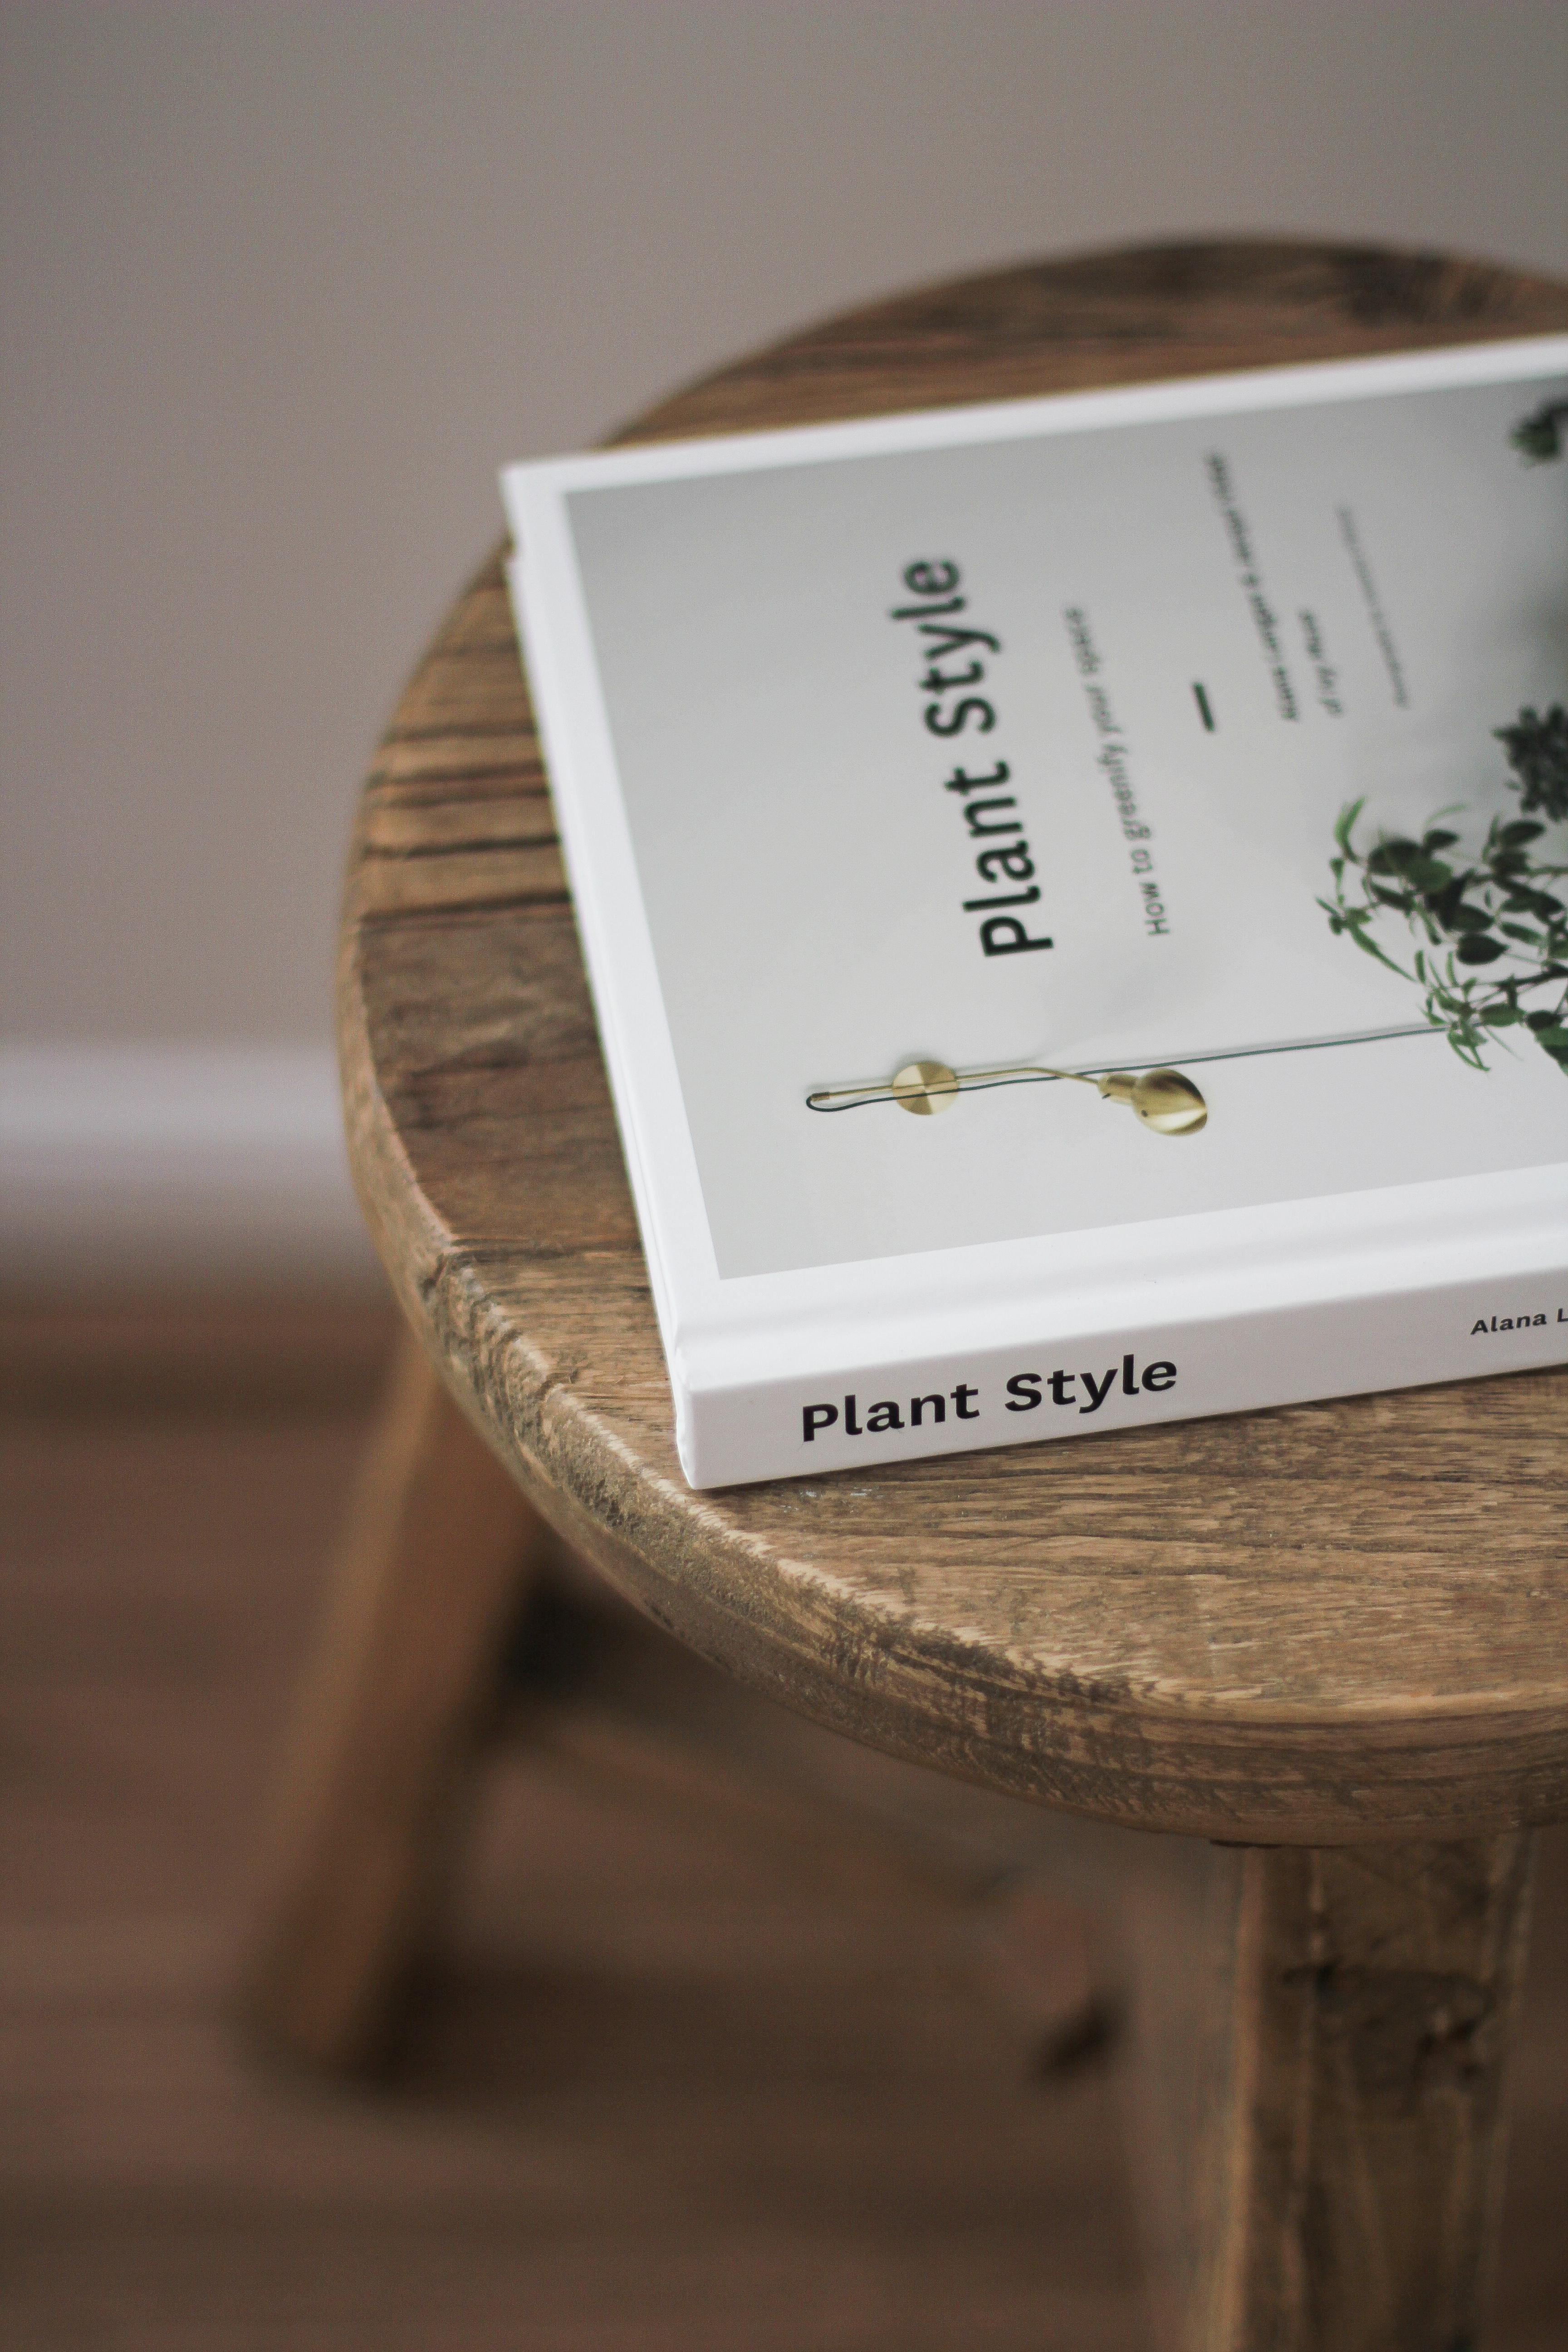 Plant Style Botany Books